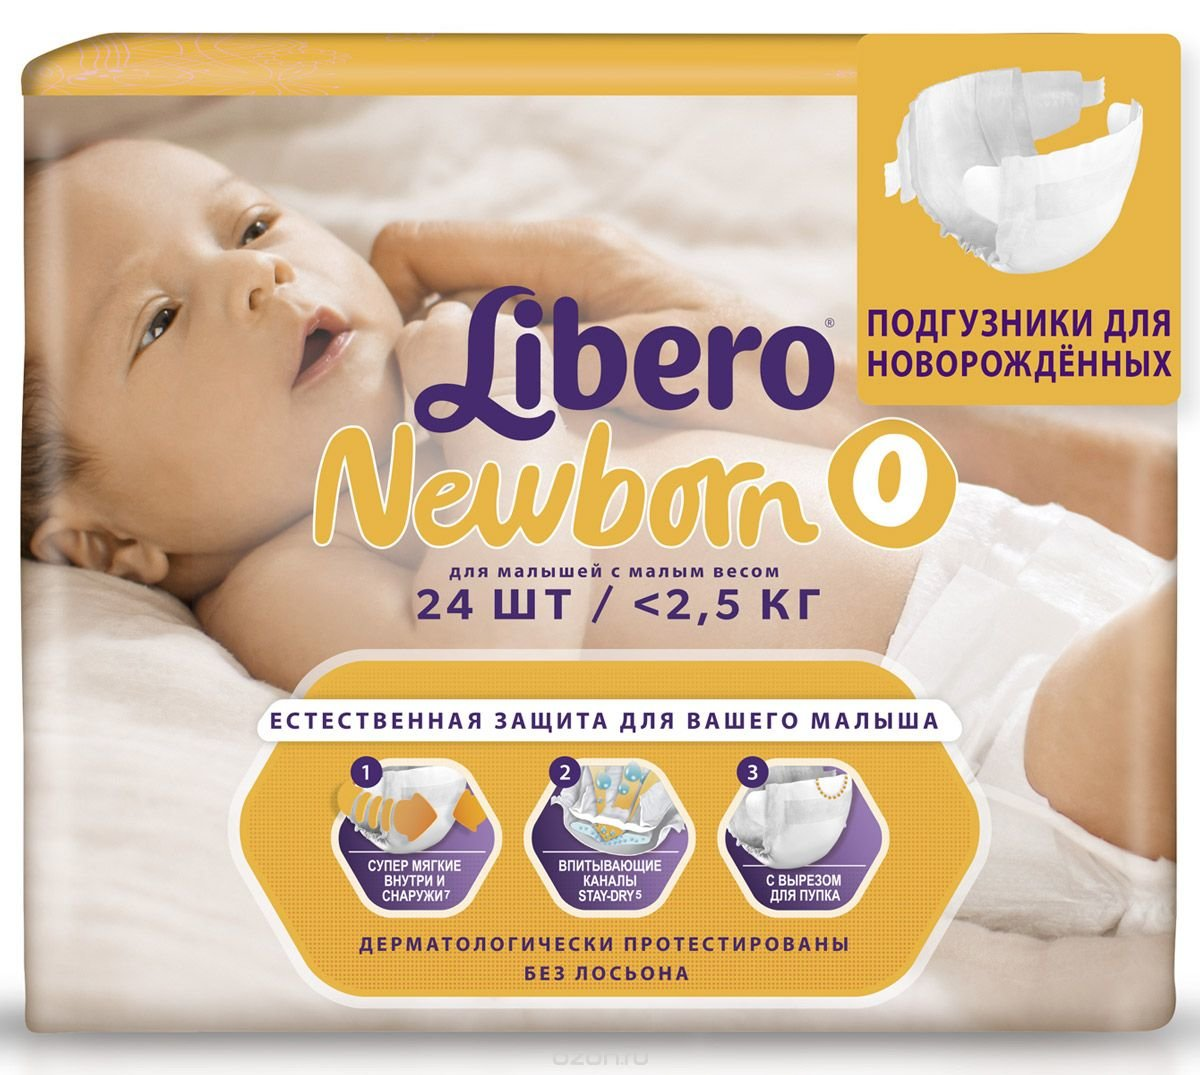 Подгузники для новорожденных 2 или 3